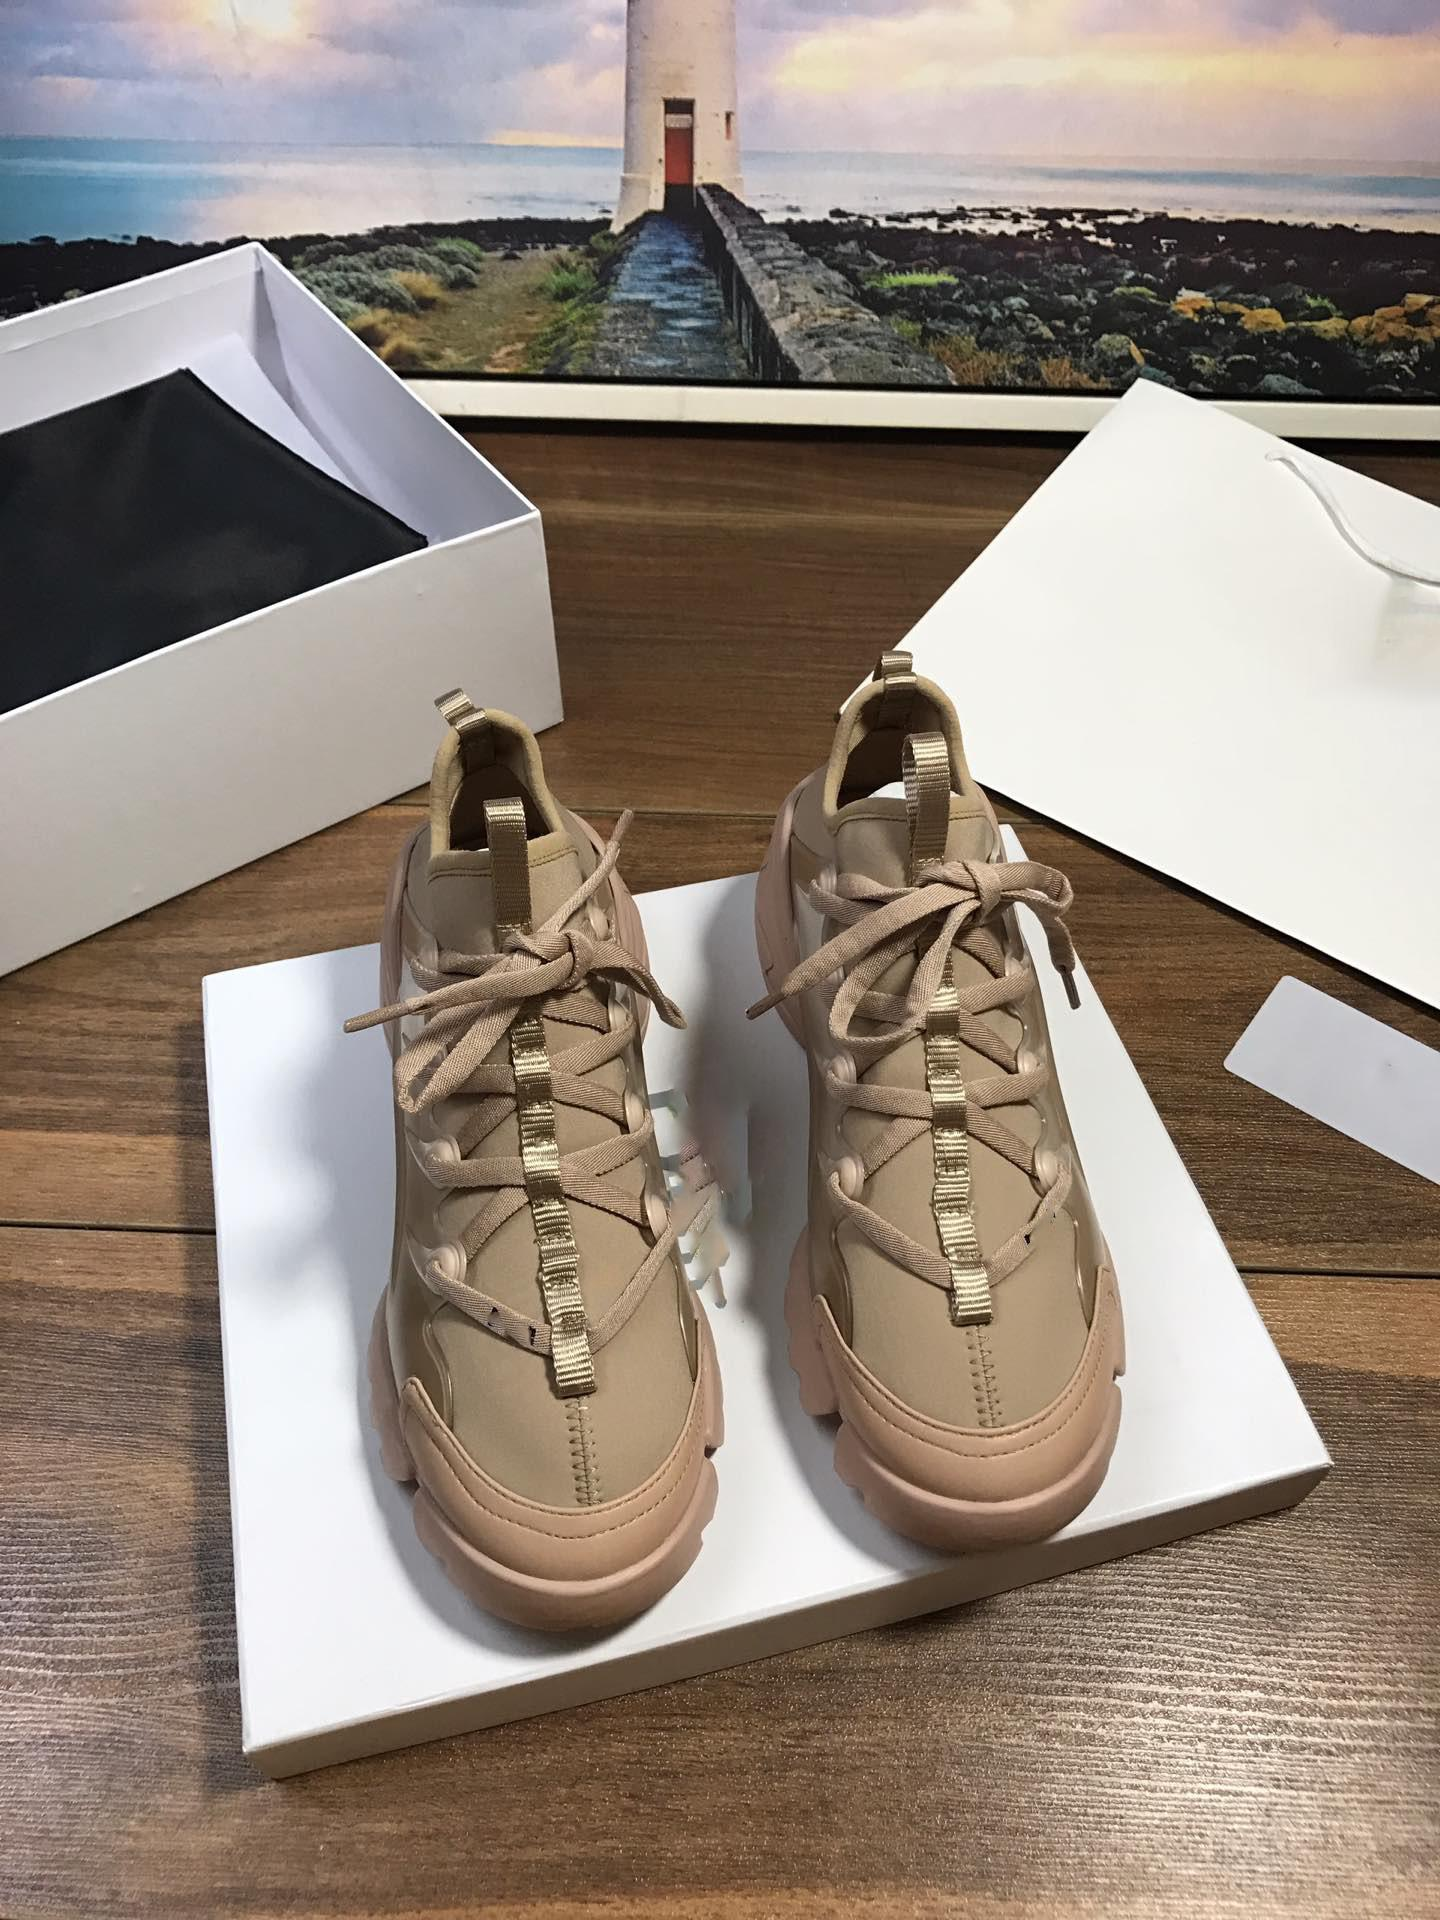 2020ss Прибытие Designeroutdoor обувь Мужская обувь WomensDesignerruning Мода Скейт Brandshoes Бесплатная доставка 20022602D